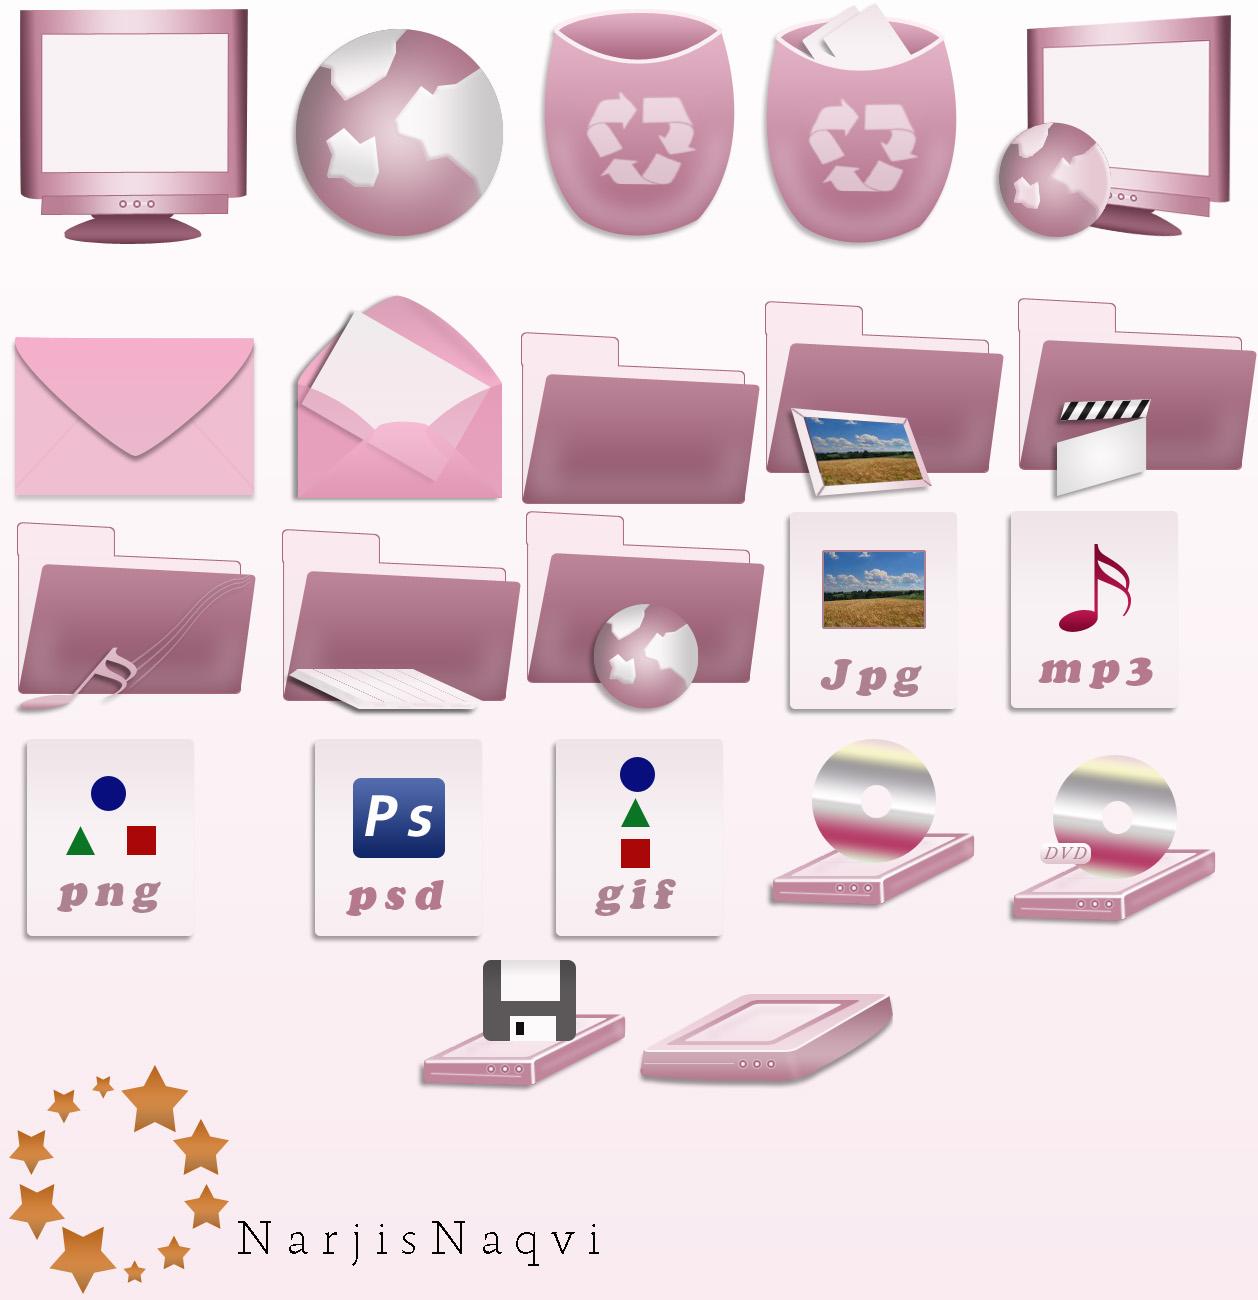 Stylish pink